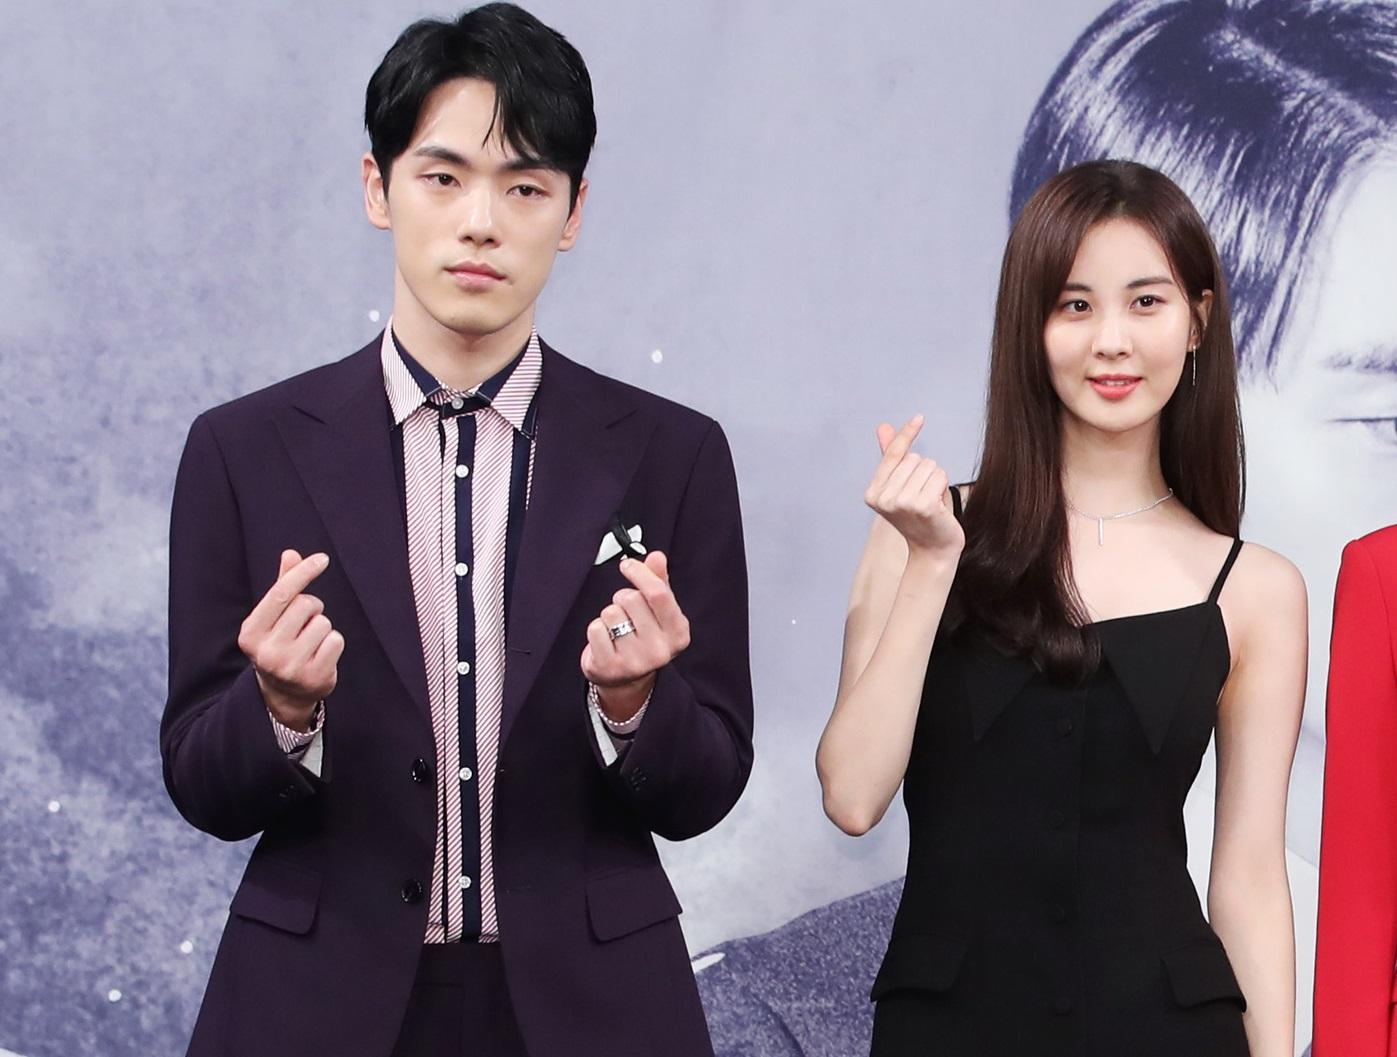 https: img.okezone.com content 2021 04 14 33 2394536 akui-salah-kim-jung-hyun-akhirnya-minta-maaf-soal-insiden-di-drama-time-Vp7w7WUSus.jpg